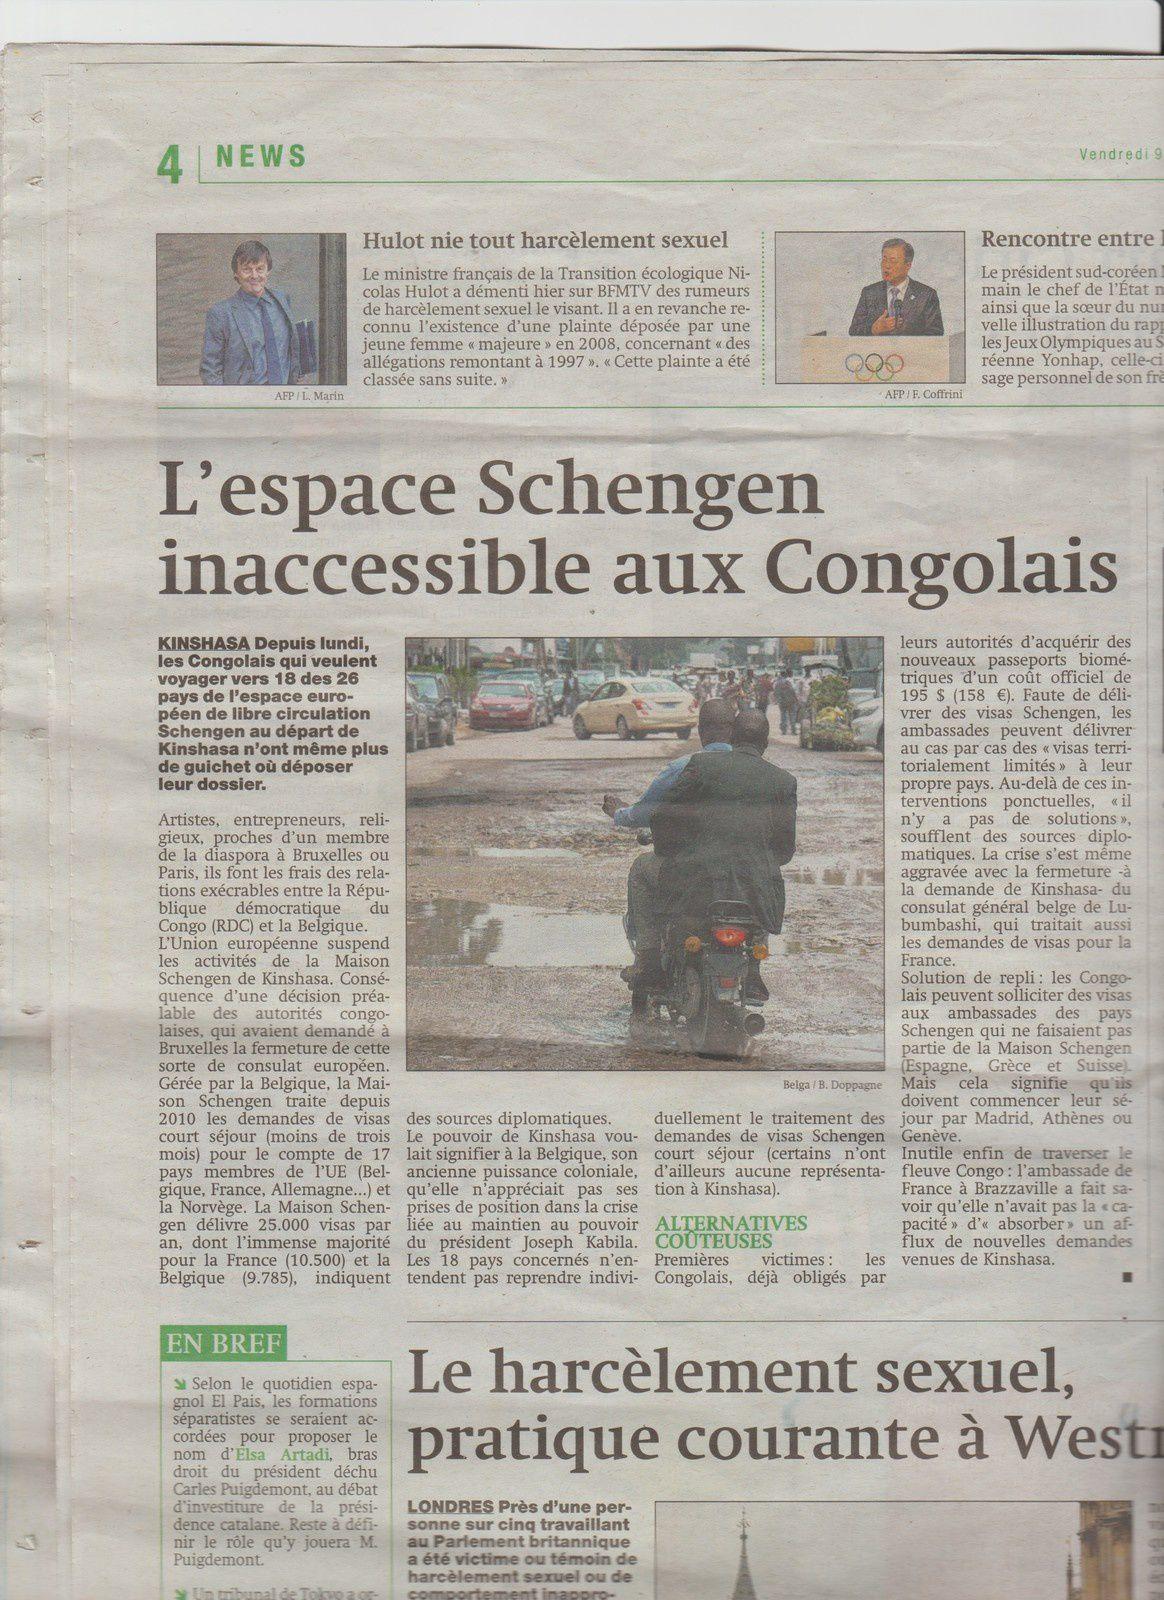 Lu pour vous: L'espace Schengen inaccessible aux Congolais